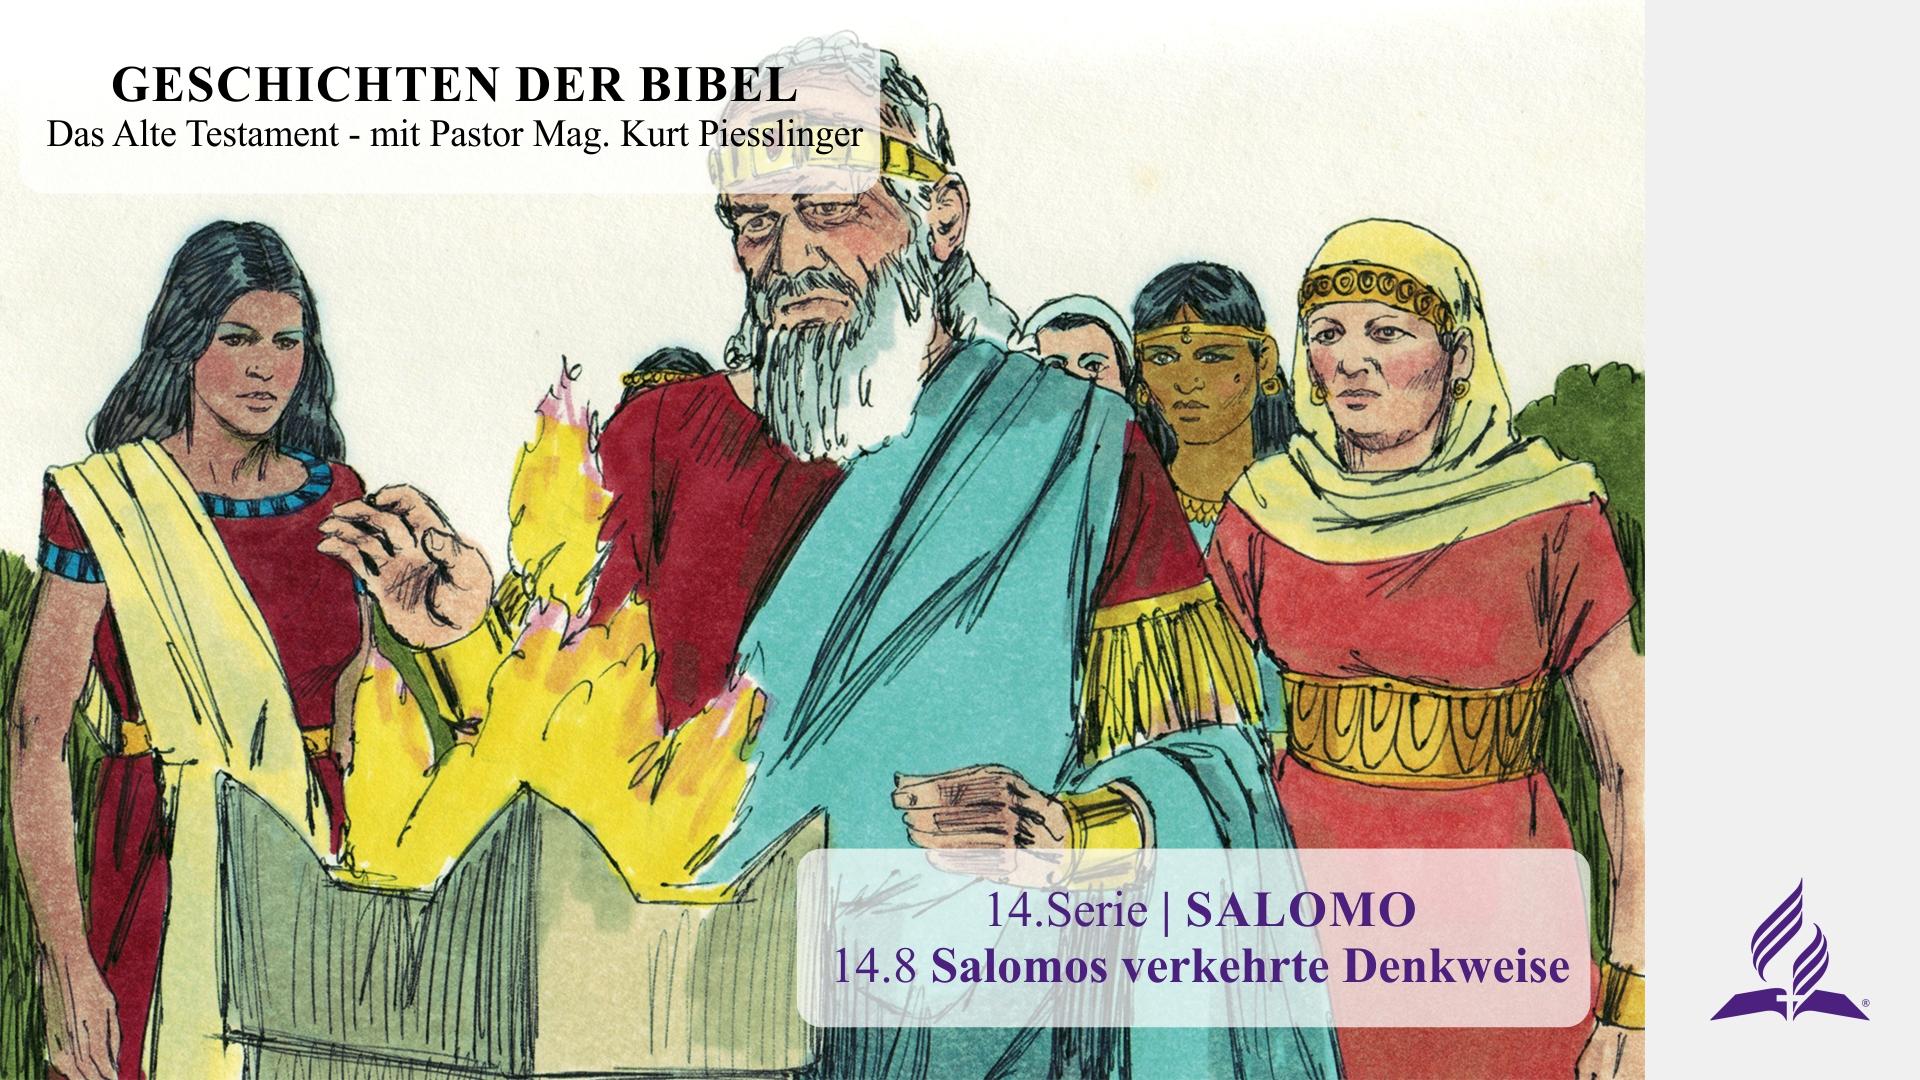 14.8 Salomos verkehrte Denkweise x